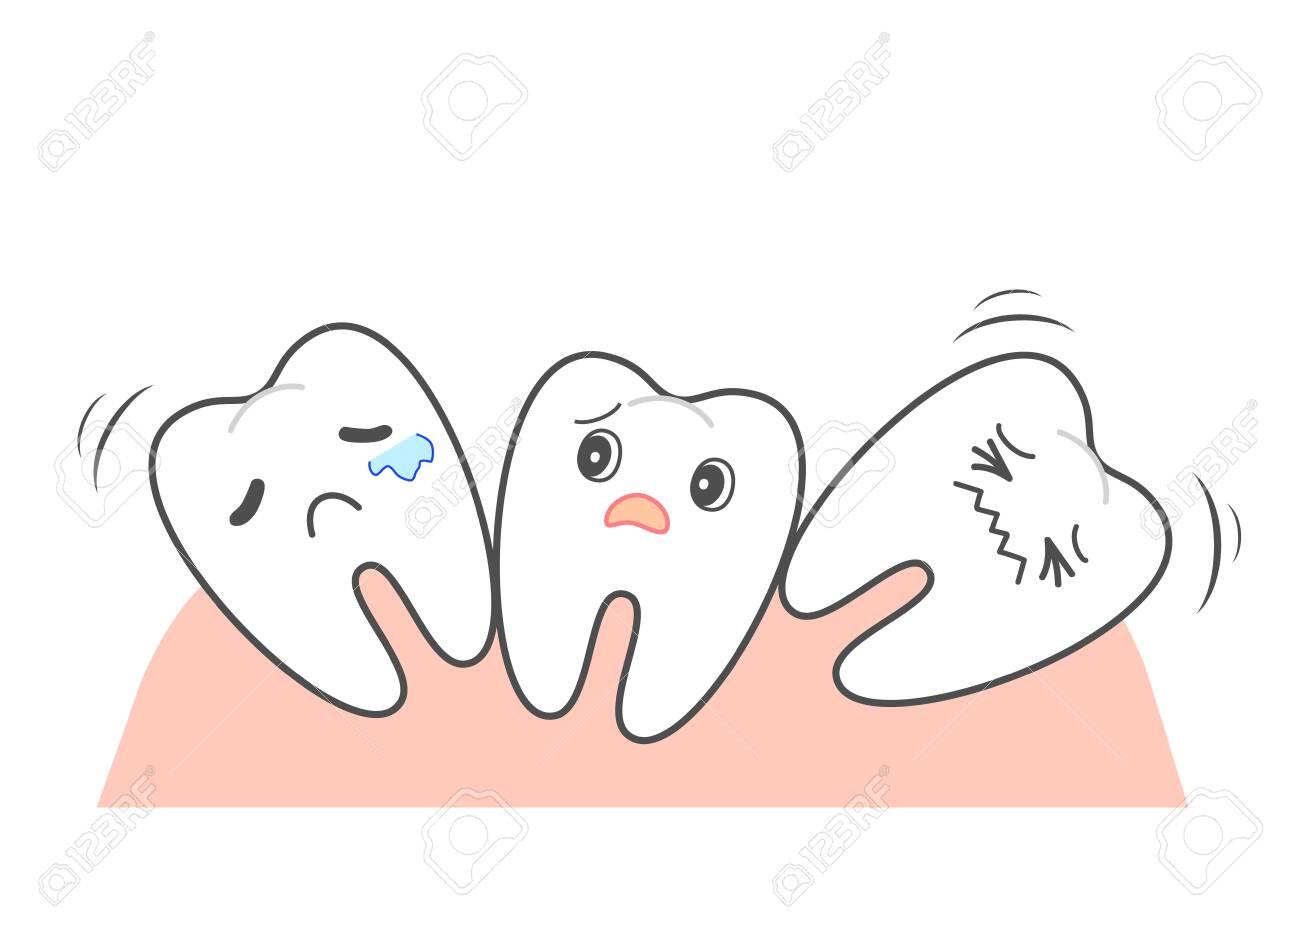 Straightening rattling teeth Front teeth orthodontic - 150089322